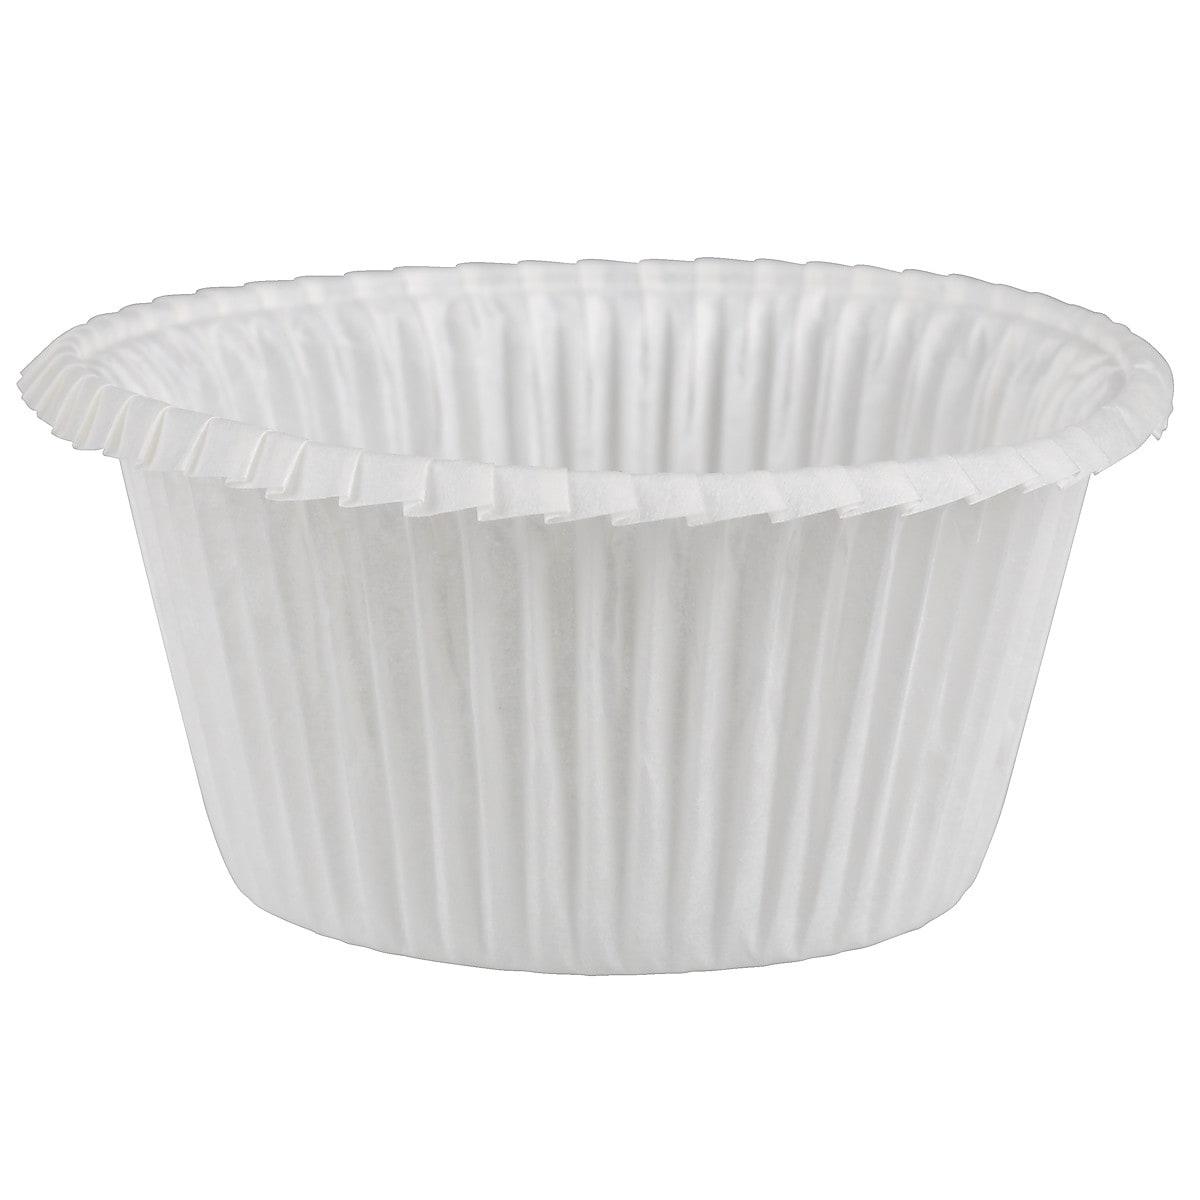 Muffinssivuoka 24 kpl